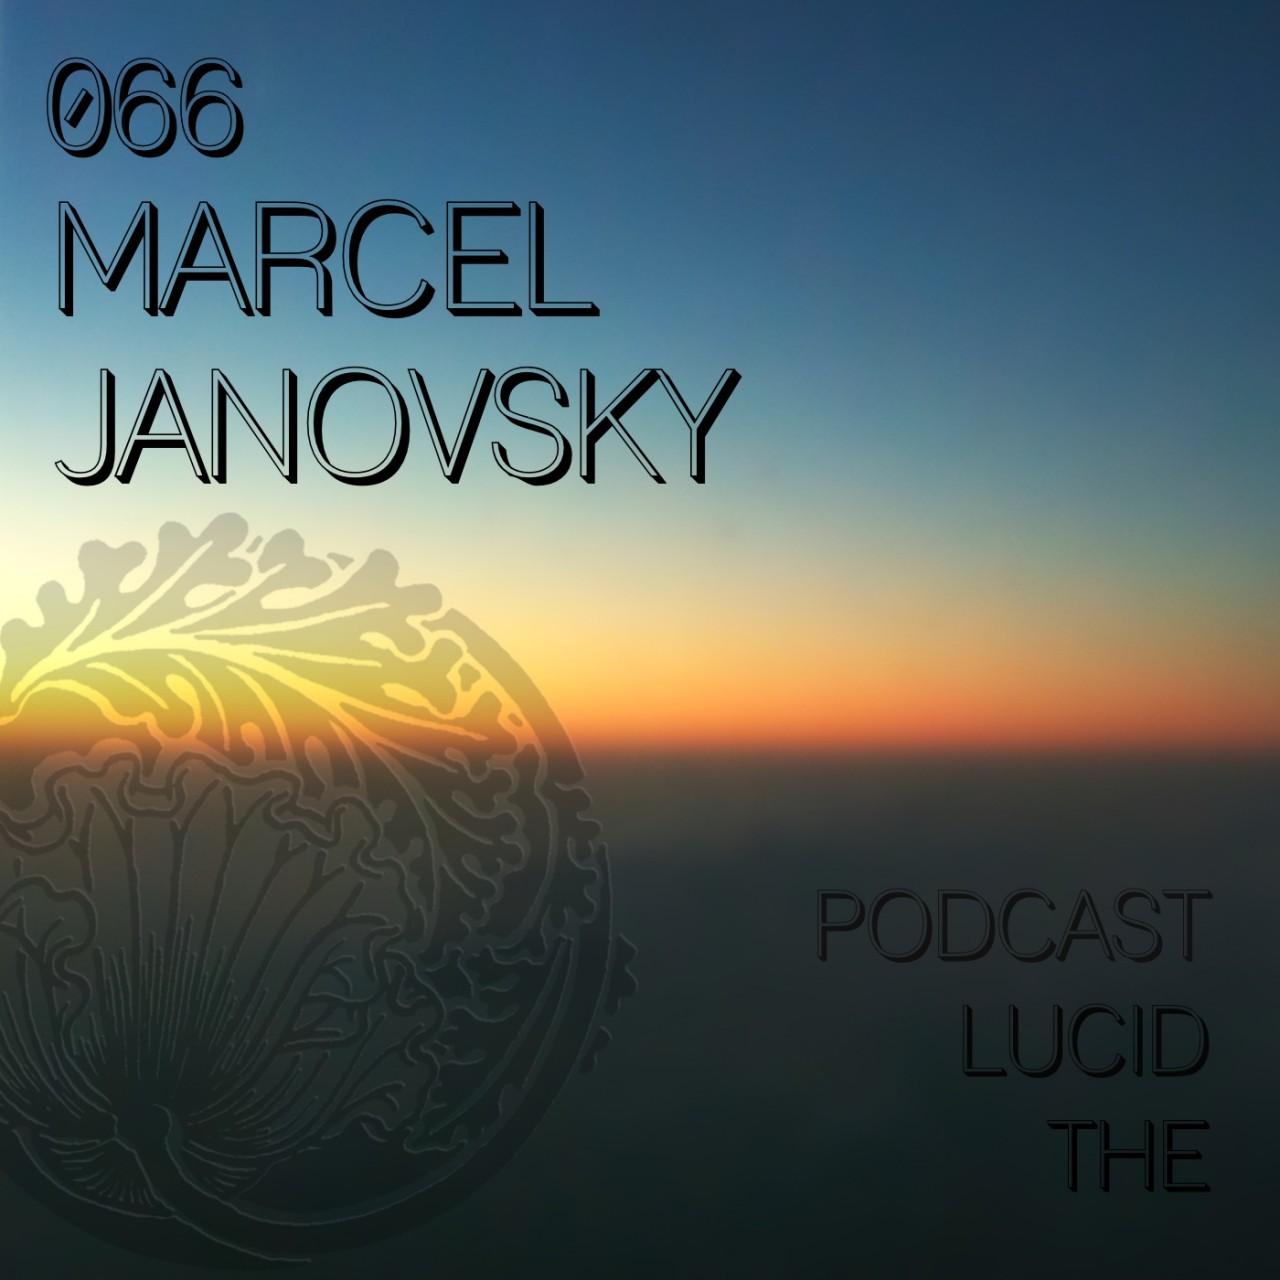 The Lucid Podcast 066 Marcel Janovsky